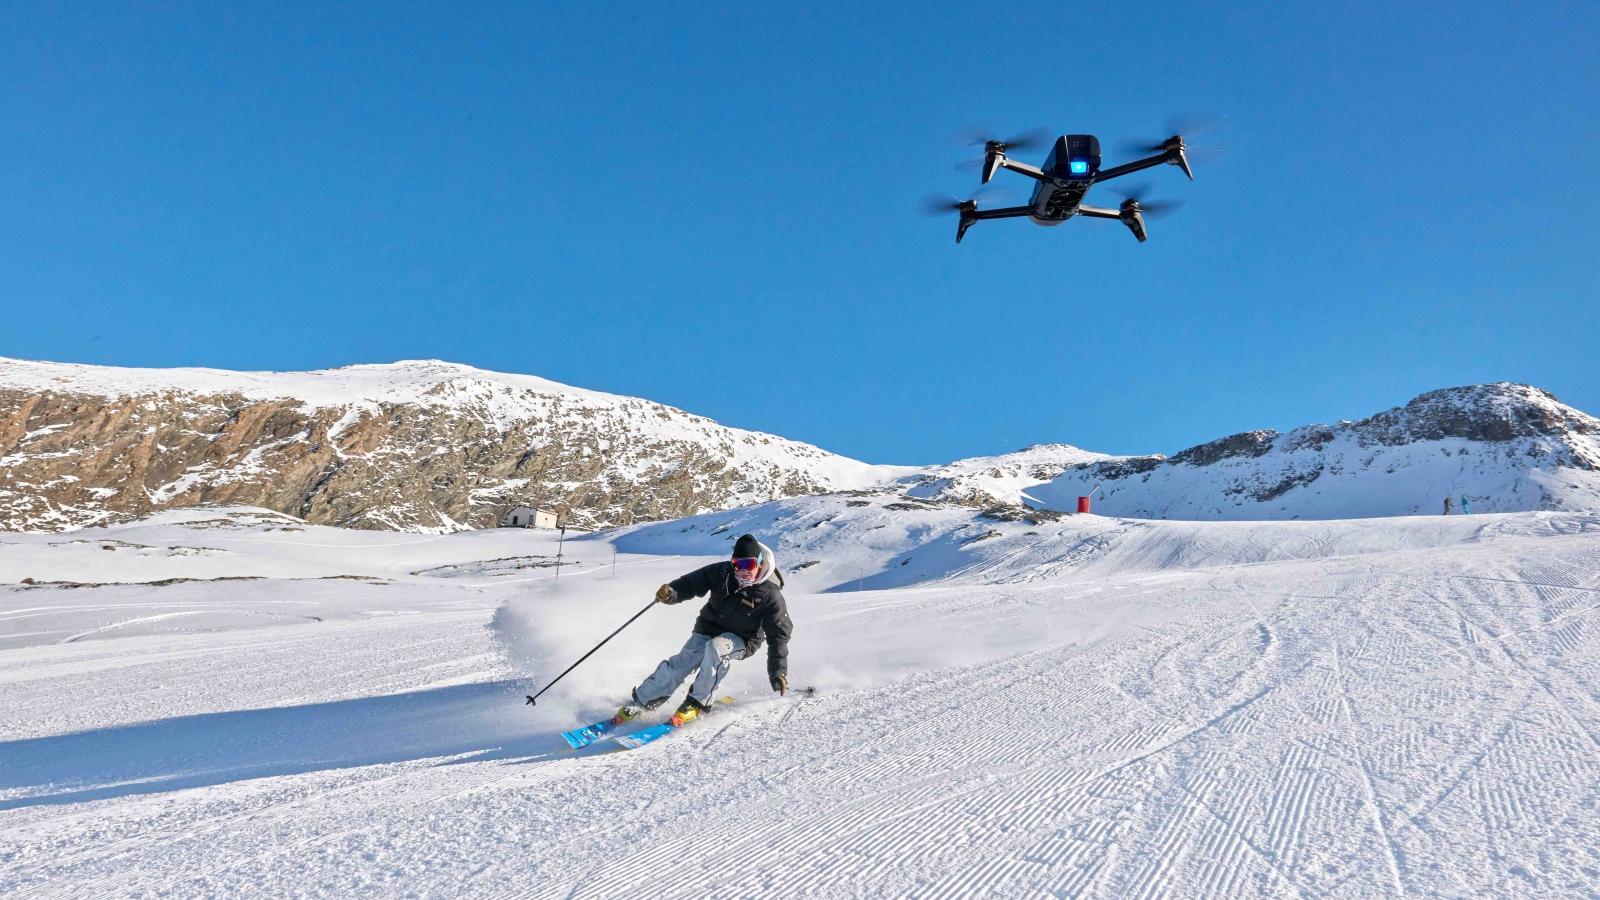 Flight Director: un pratico tool di video editing per i droni Parrot thumbnail